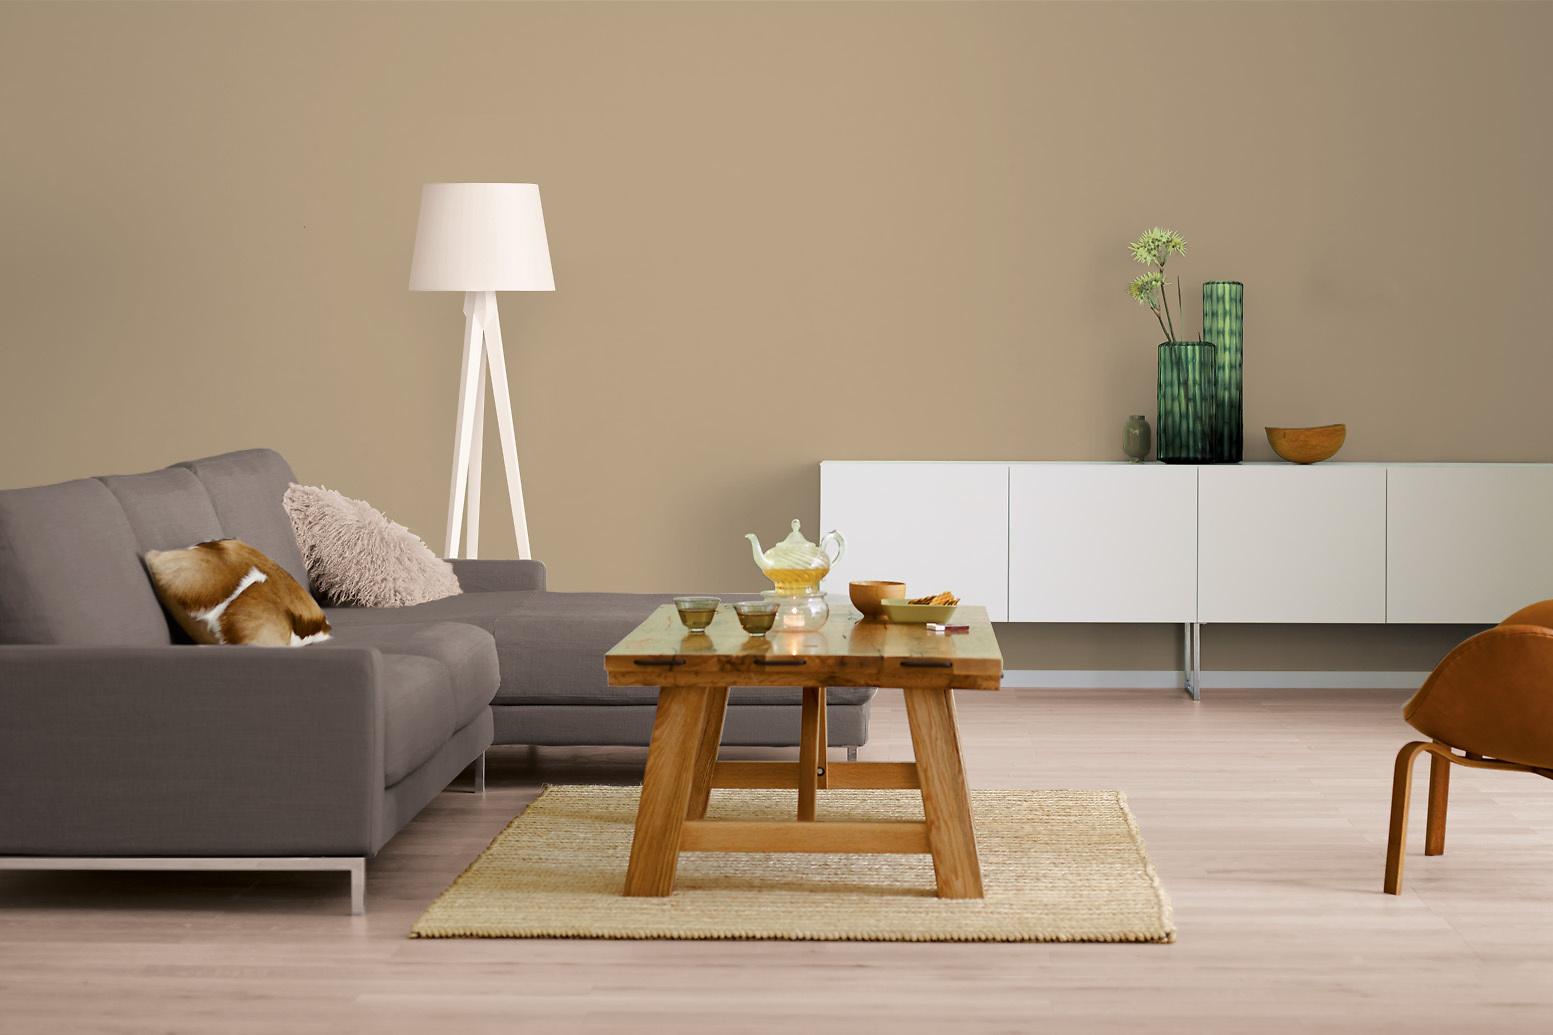 innenfarbe in braun beige streichen alpina farbrezepte tea time alpina farben. Black Bedroom Furniture Sets. Home Design Ideas